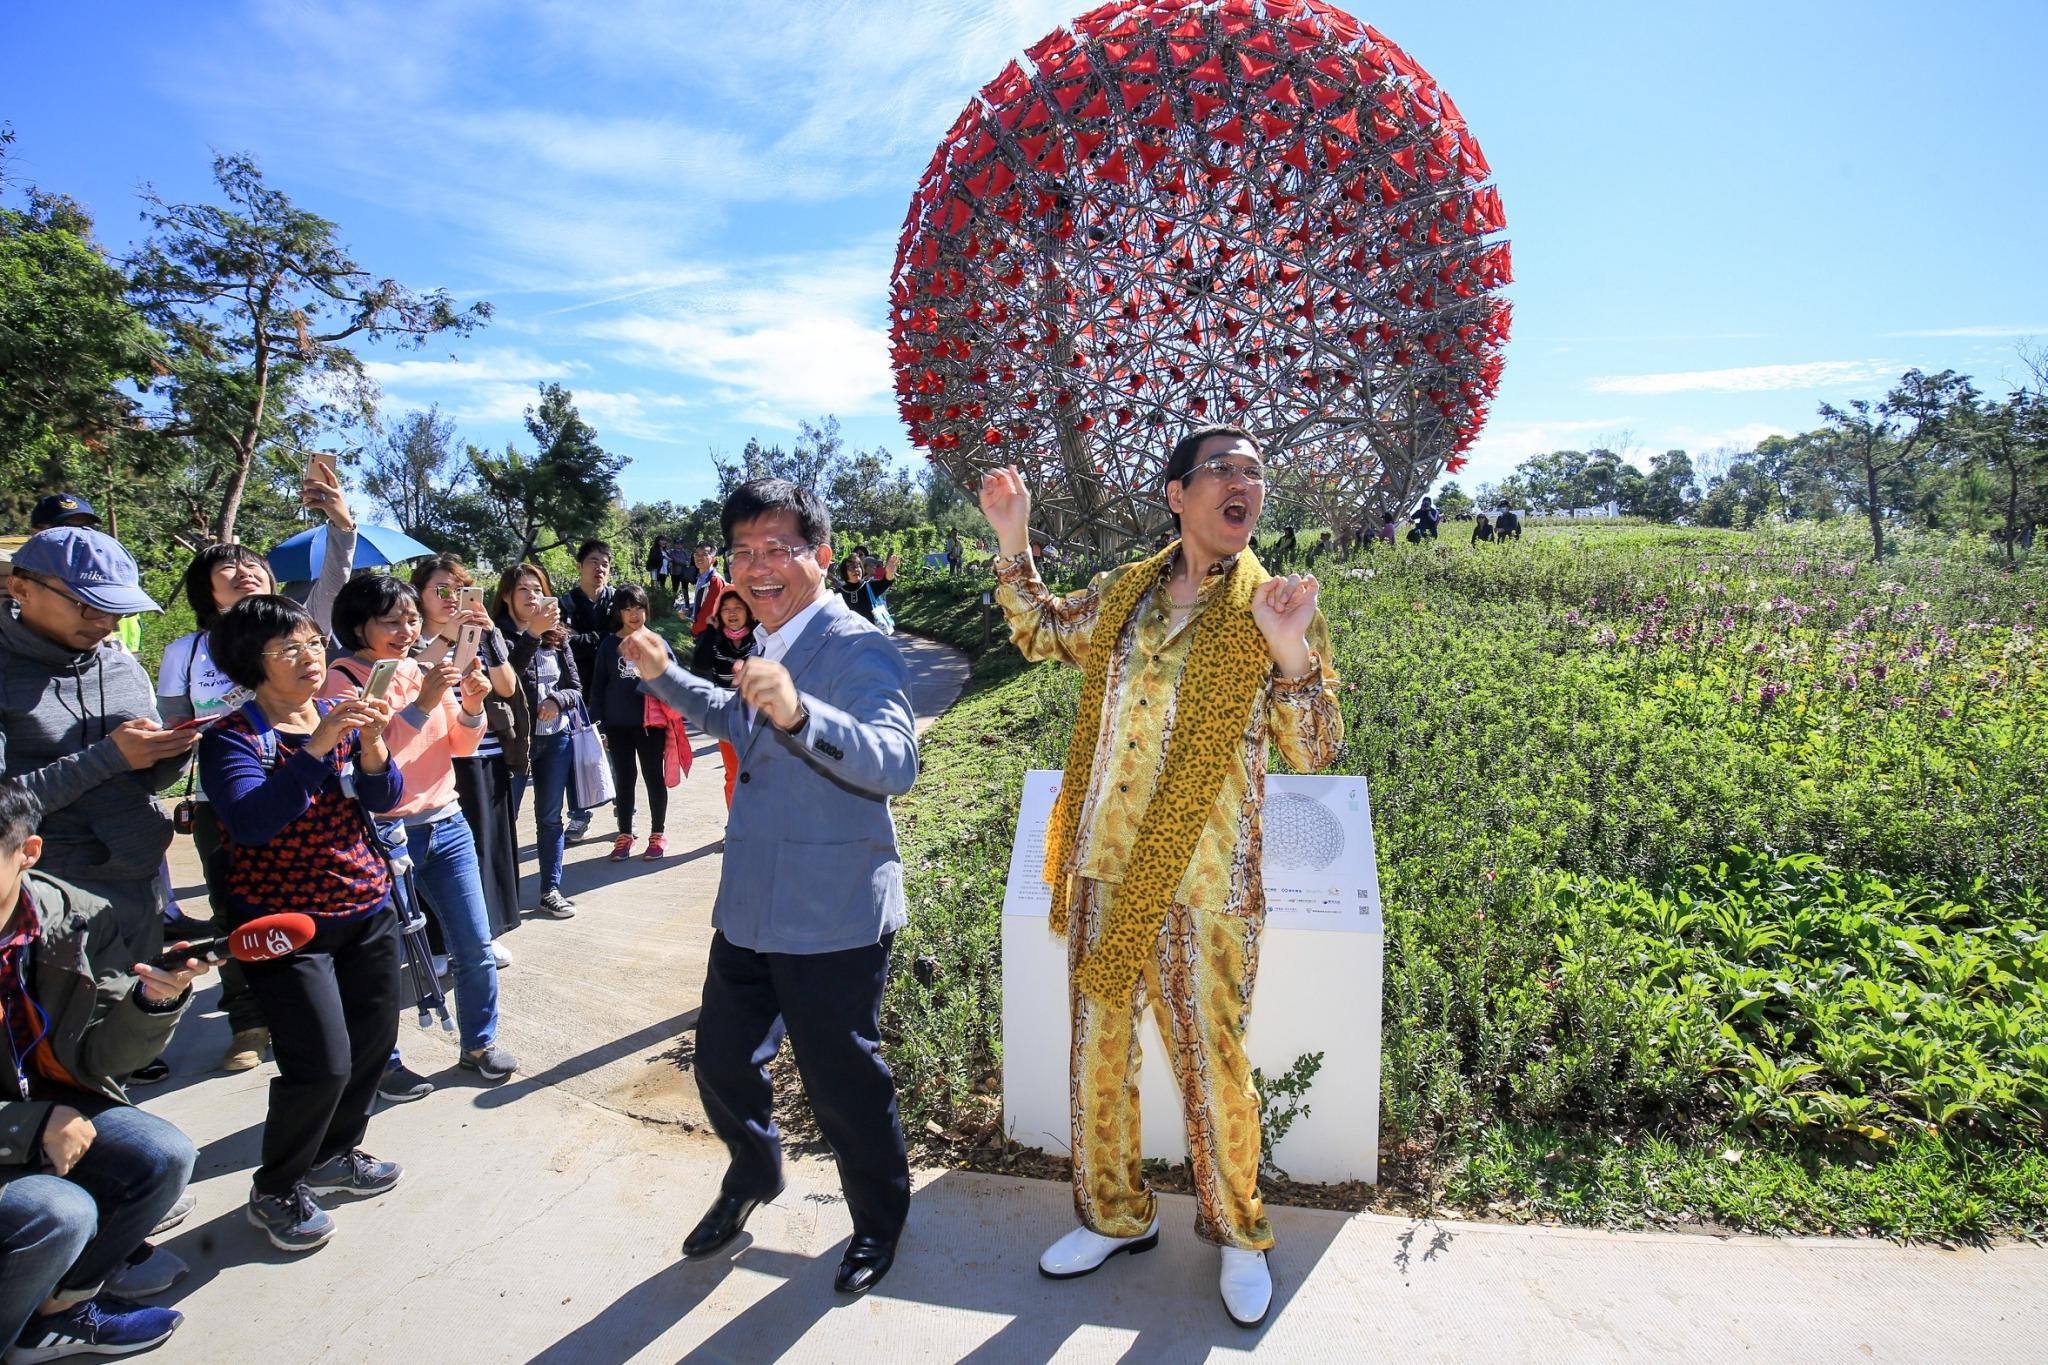 日本PIKO太郎宣傳台中花博 與林市長大跳《PPAP》